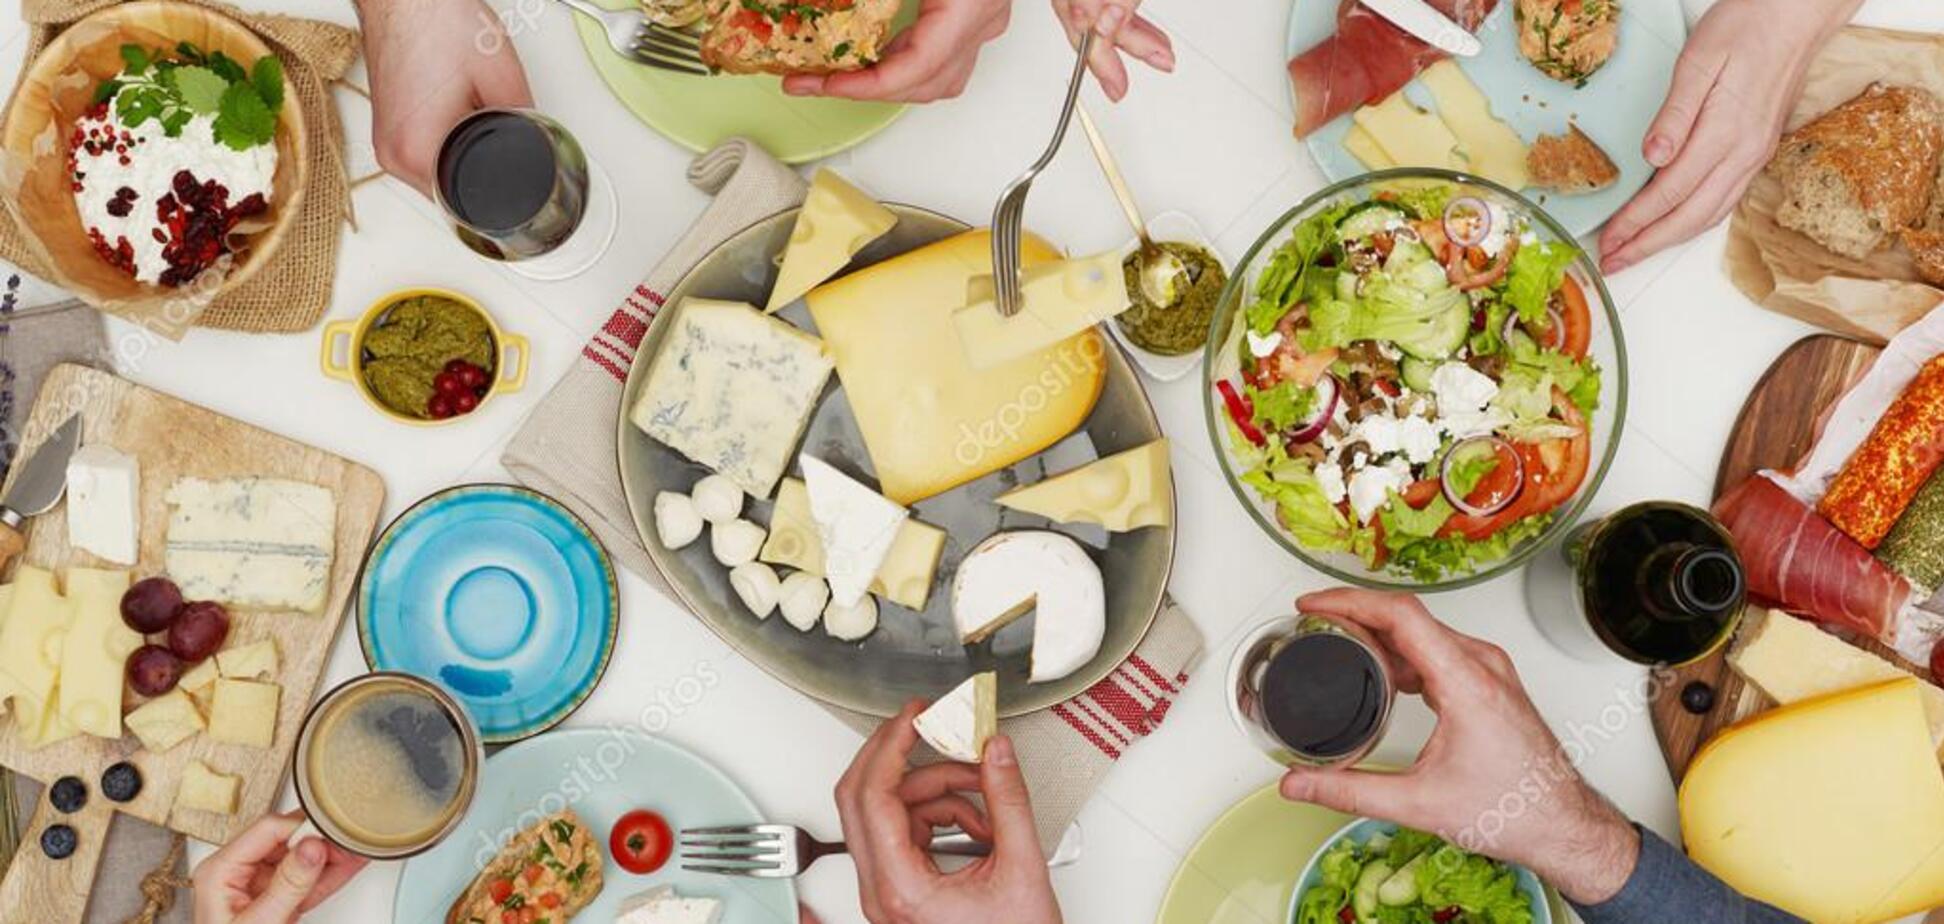 Семейный ужин: как его сделать здоровым